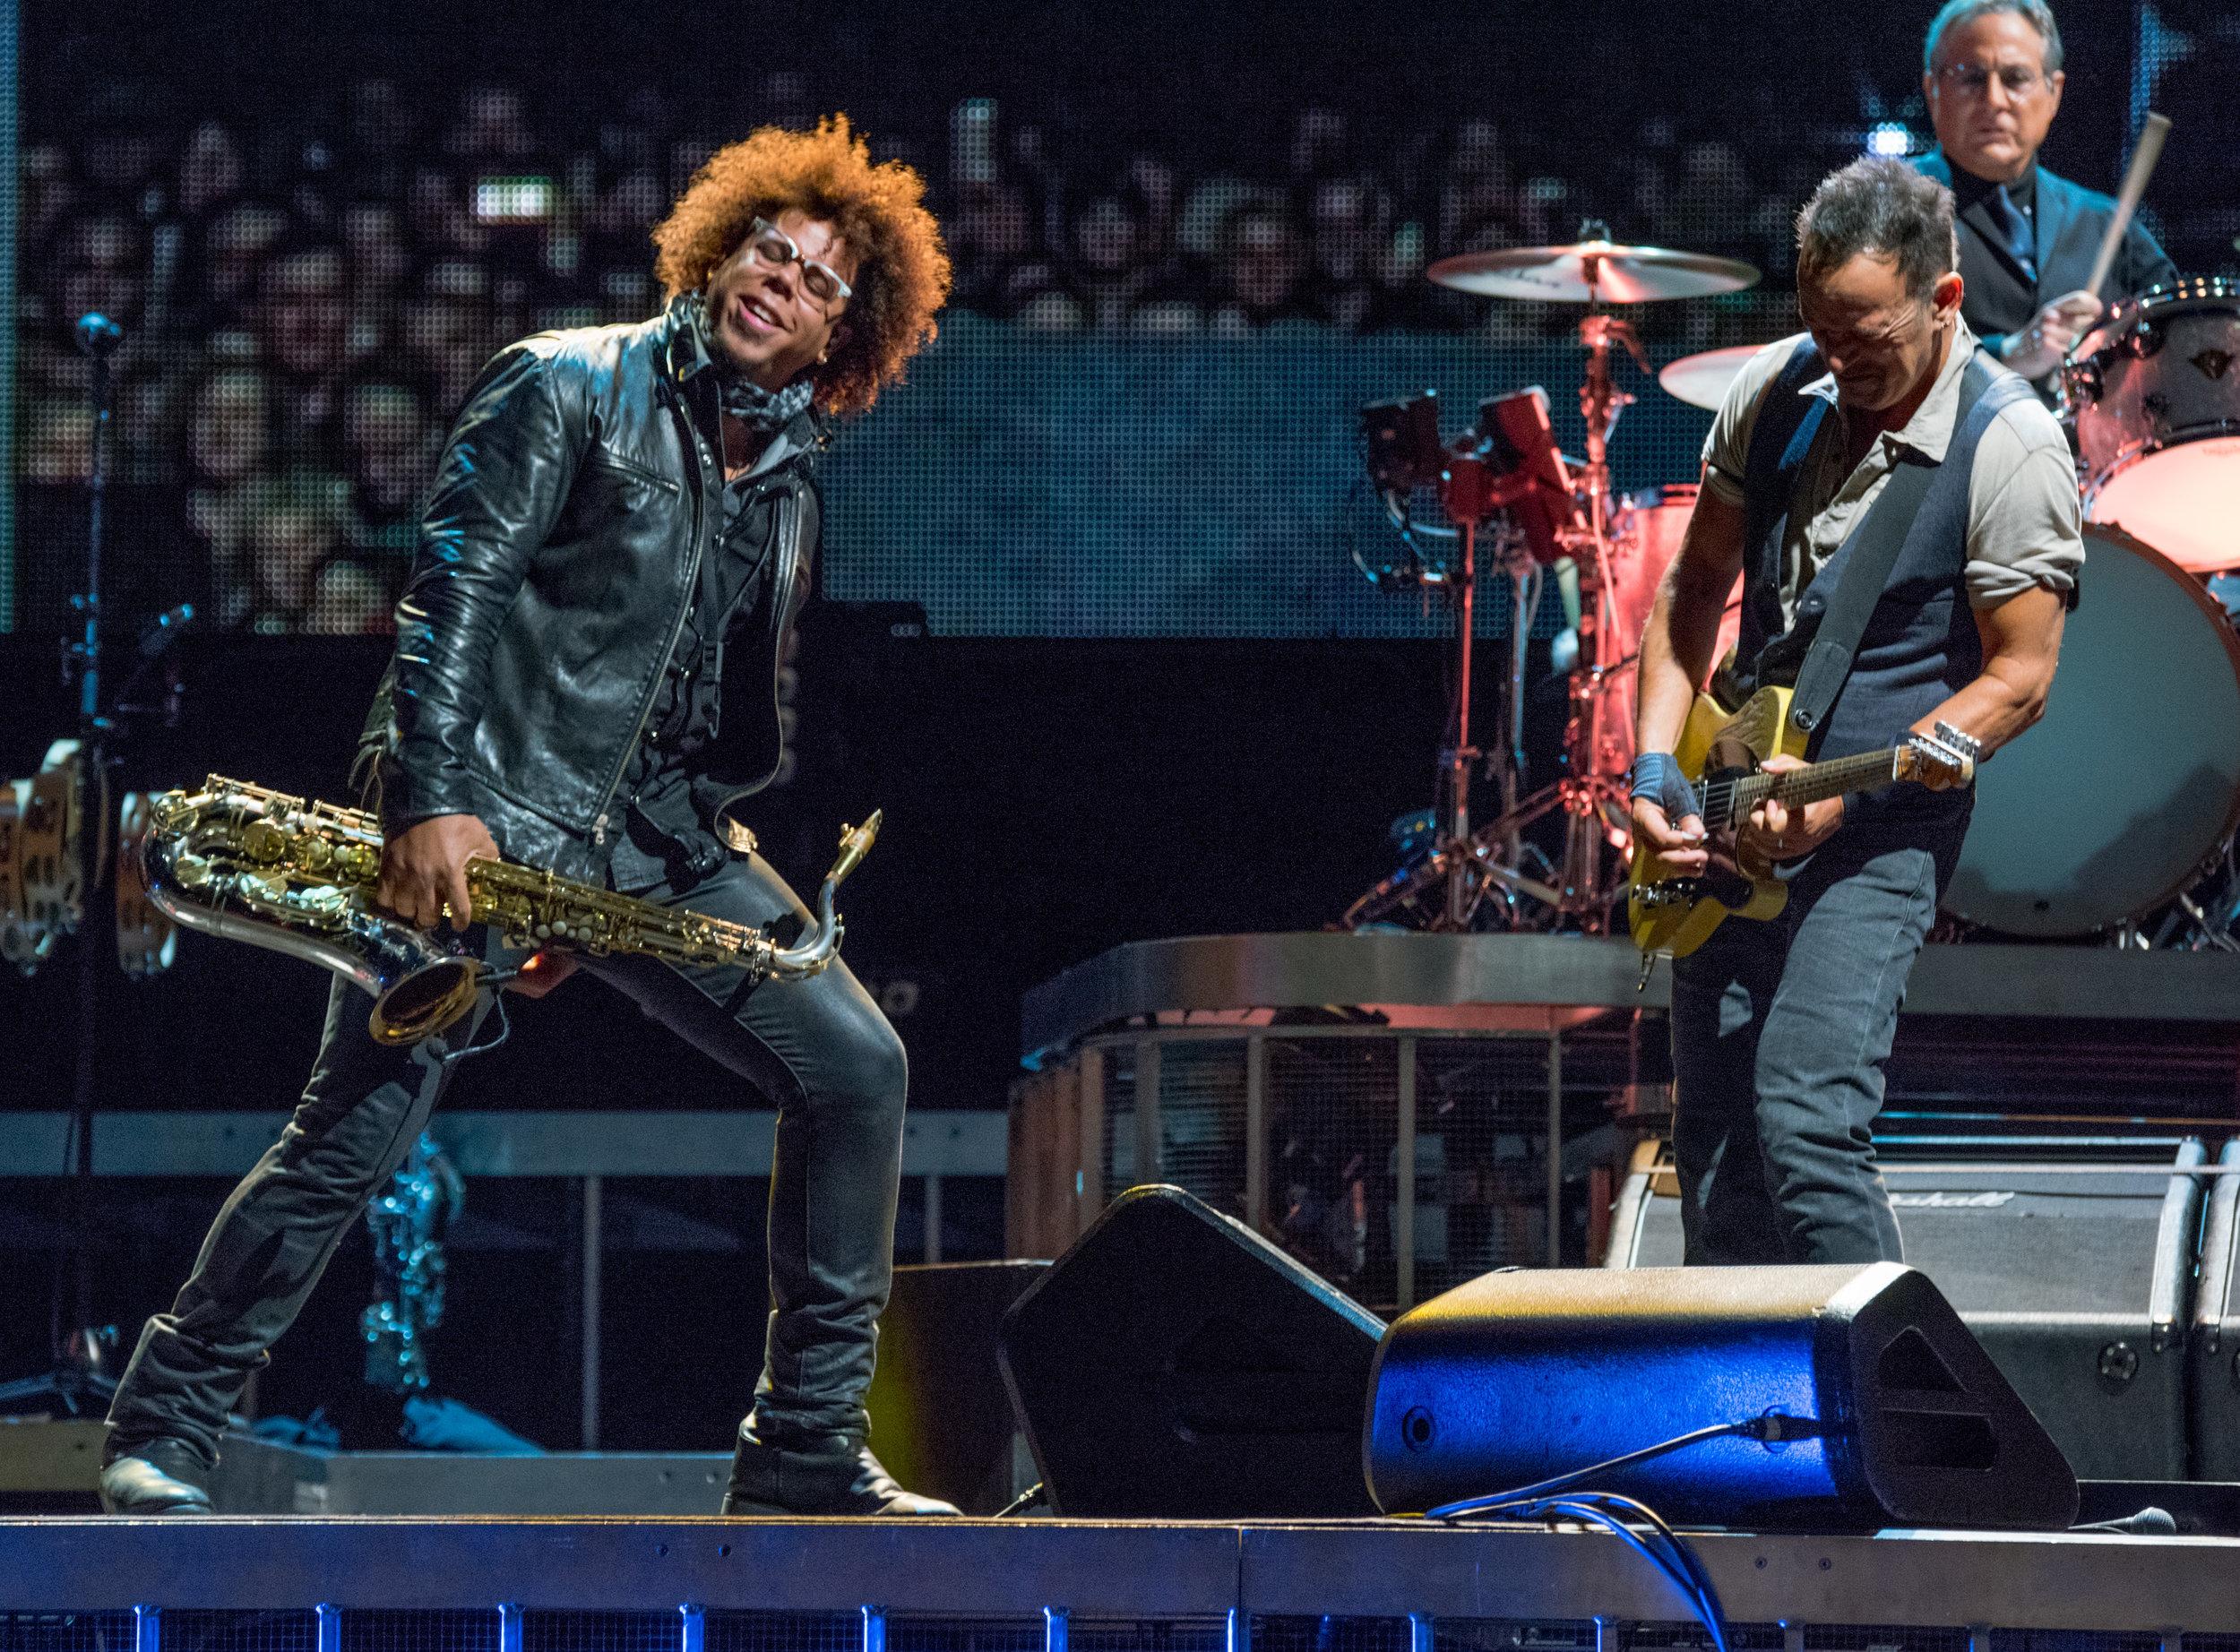 Springsteen_GilletteSept14_16-9283.jpg